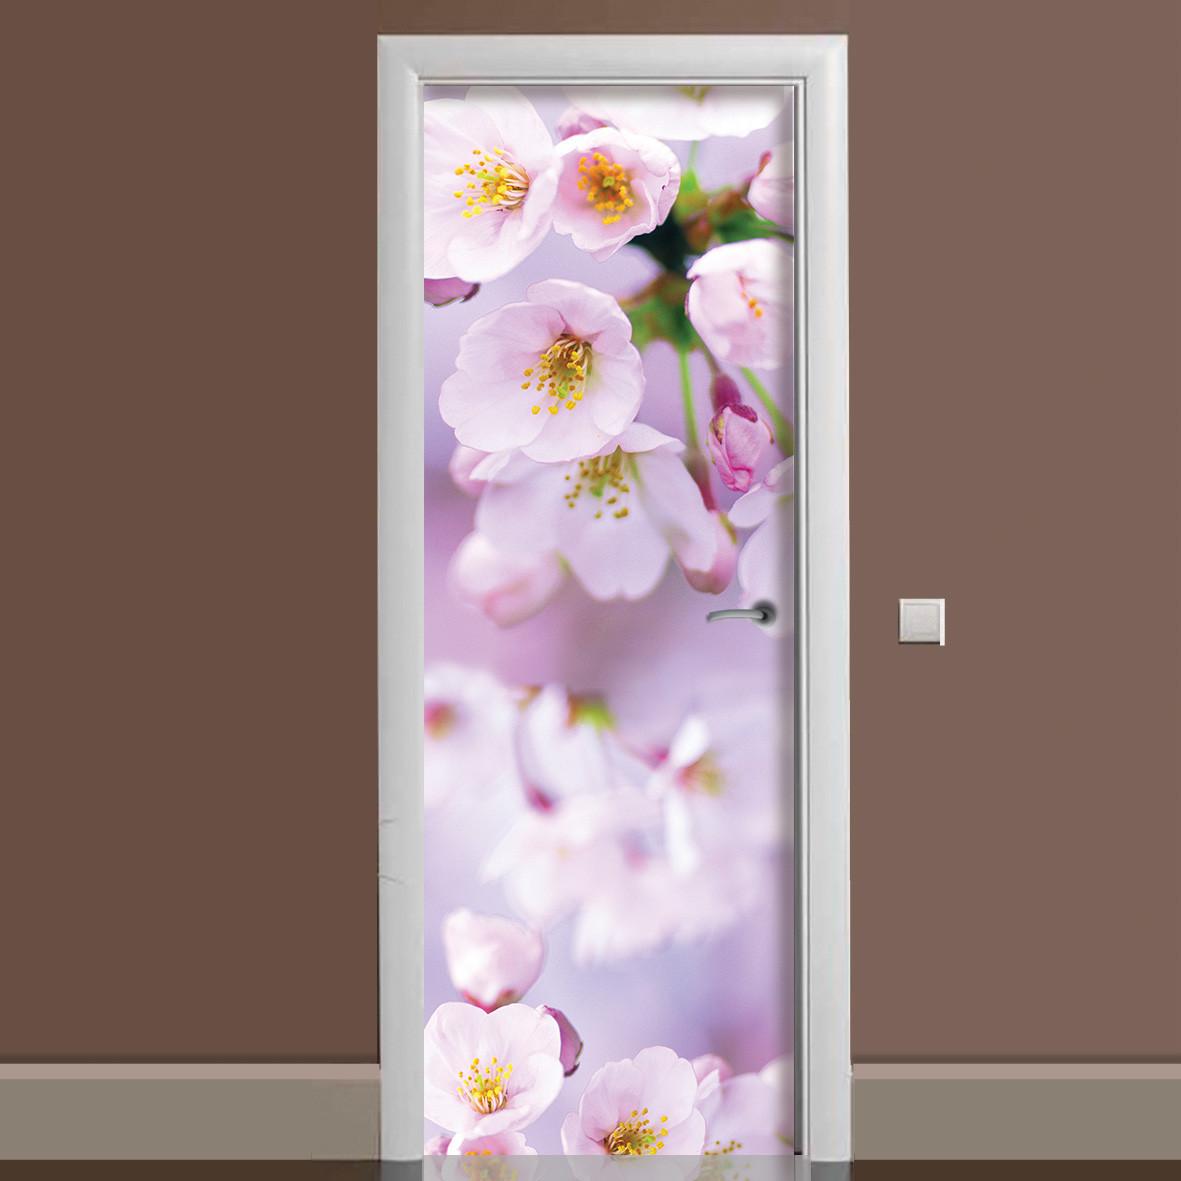 Вінілова наклейка на двері Квіти яблуні ламінована подвійна плівка рожеві квіти весна макро вишні